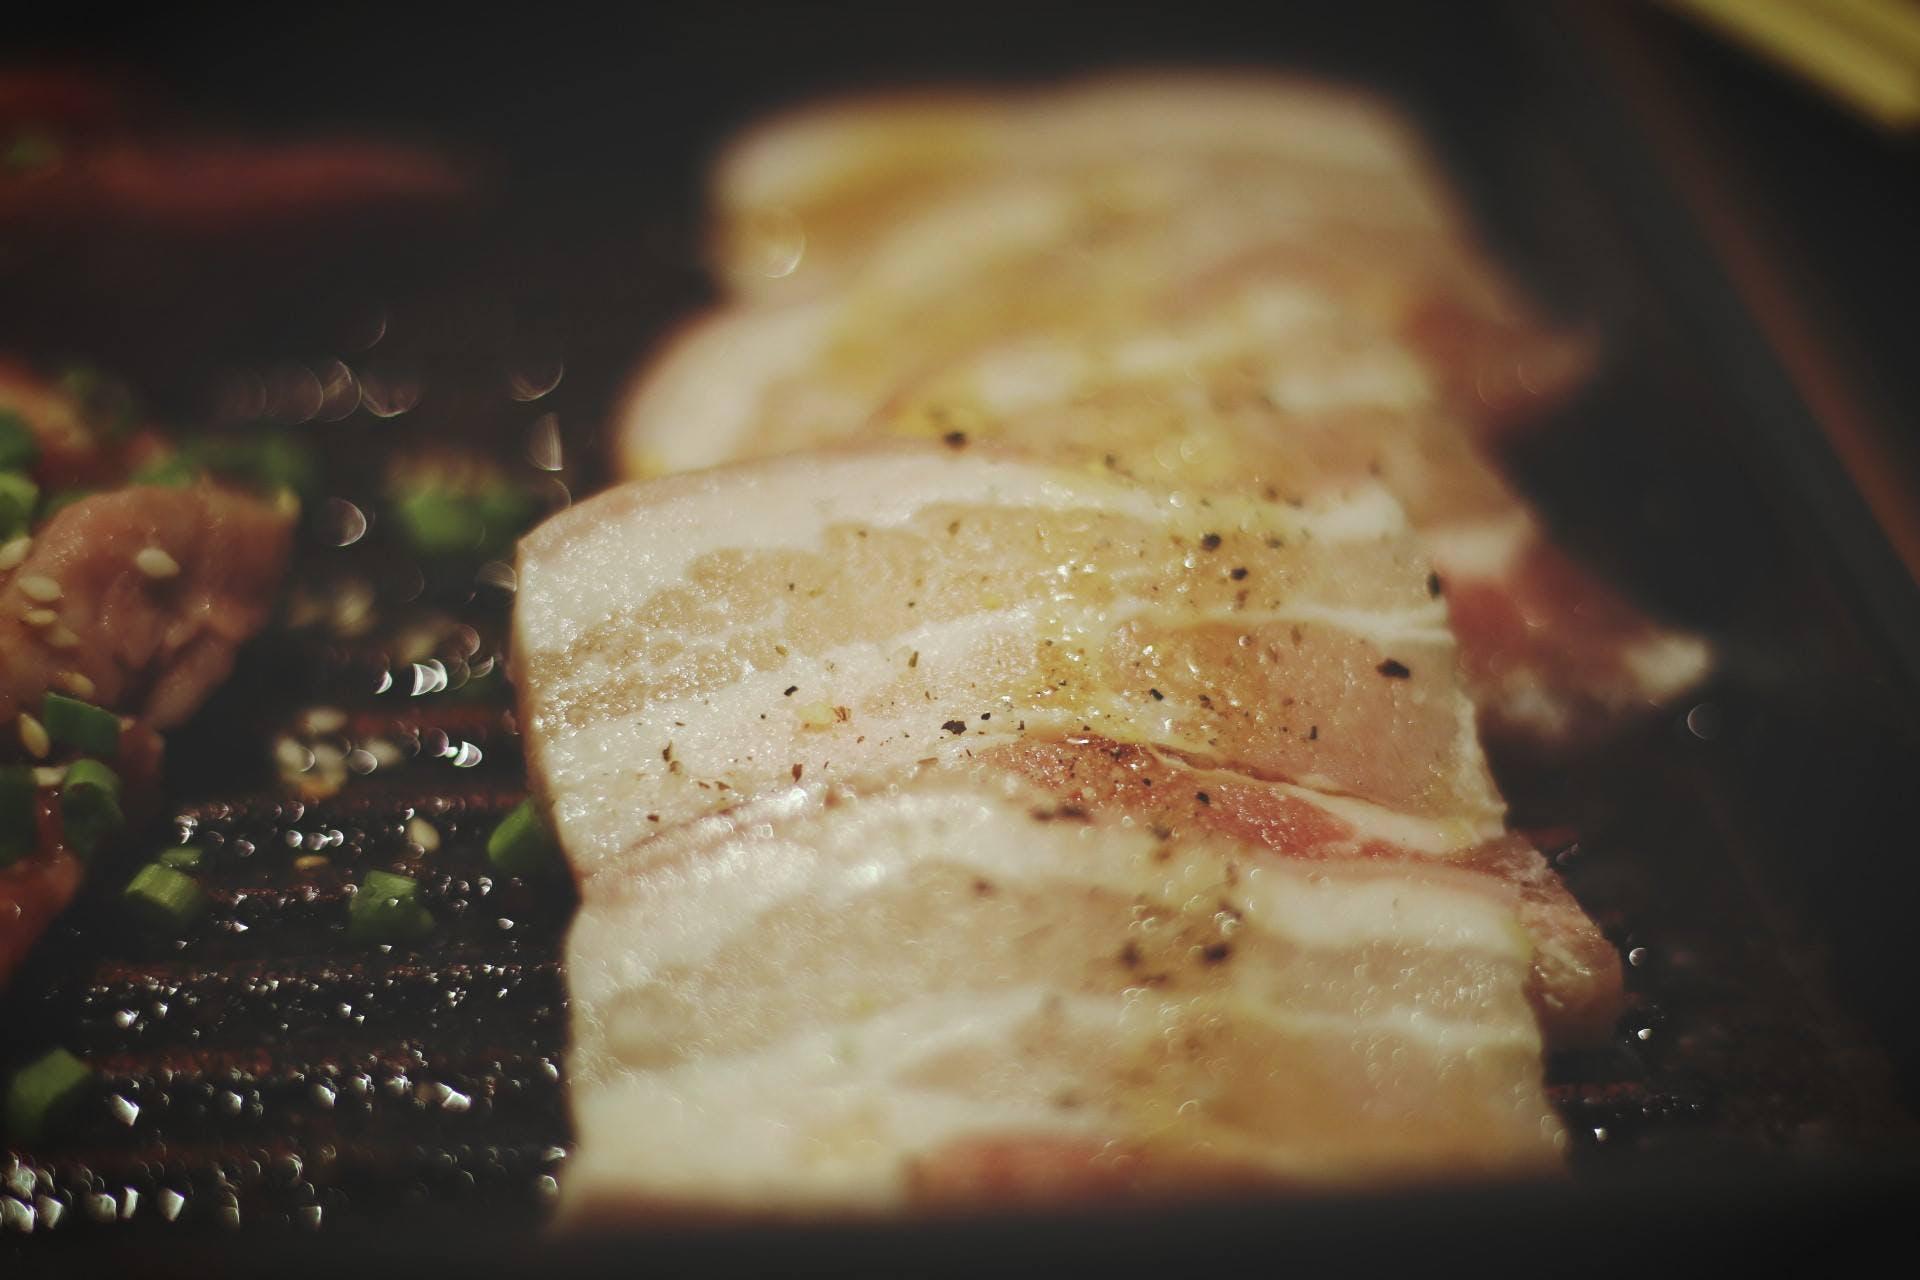 ağız sulandırıcı, akşam yemeği, biber, büyümek içeren Ücretsiz stok fotoğraf